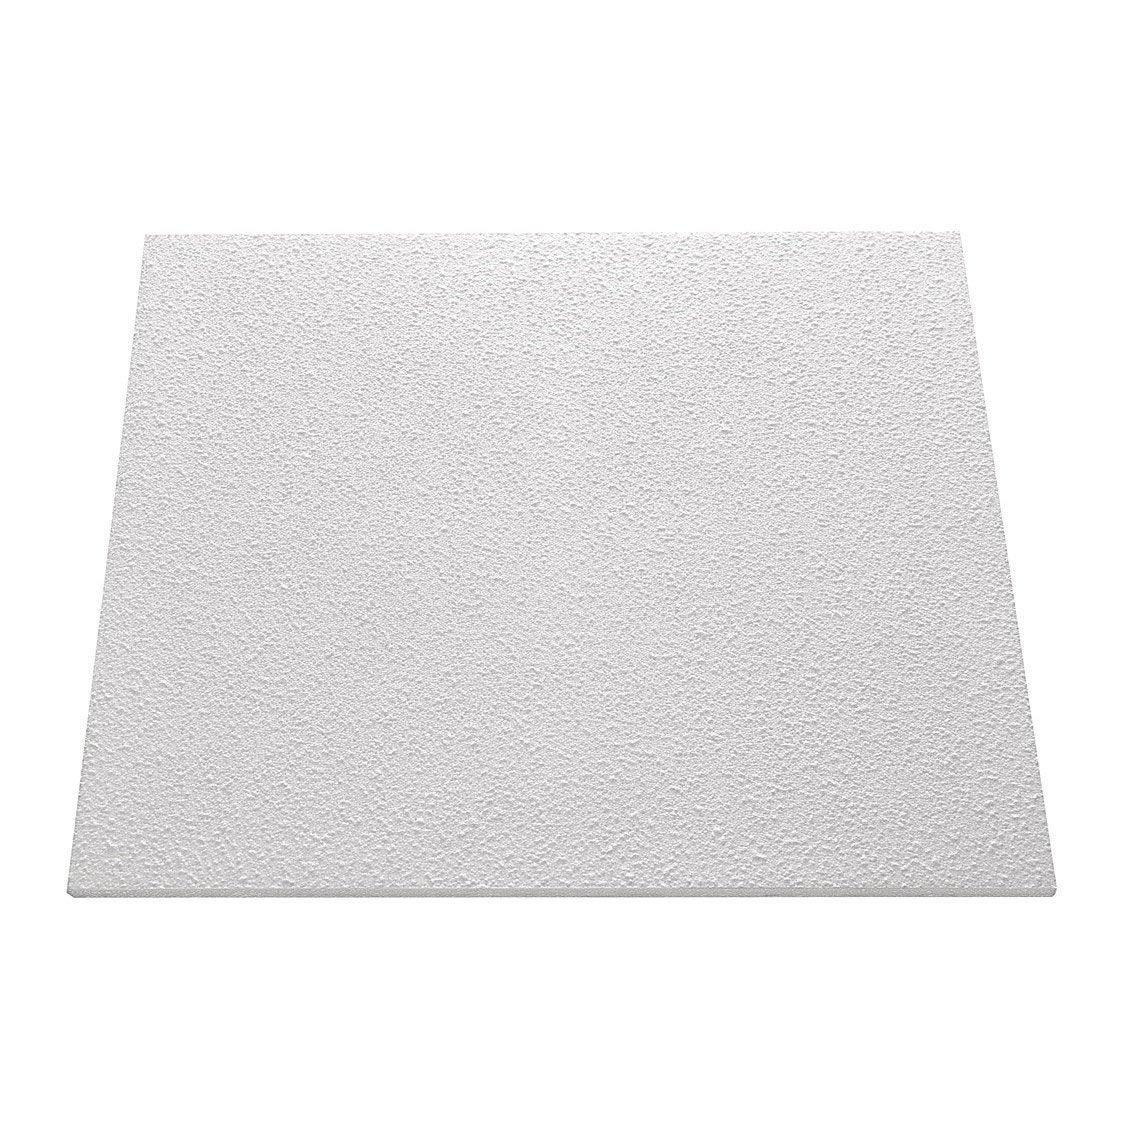 Peinture plafond noir mat nanterre modele devis gratuit for Plaque polystyrene pour plafond